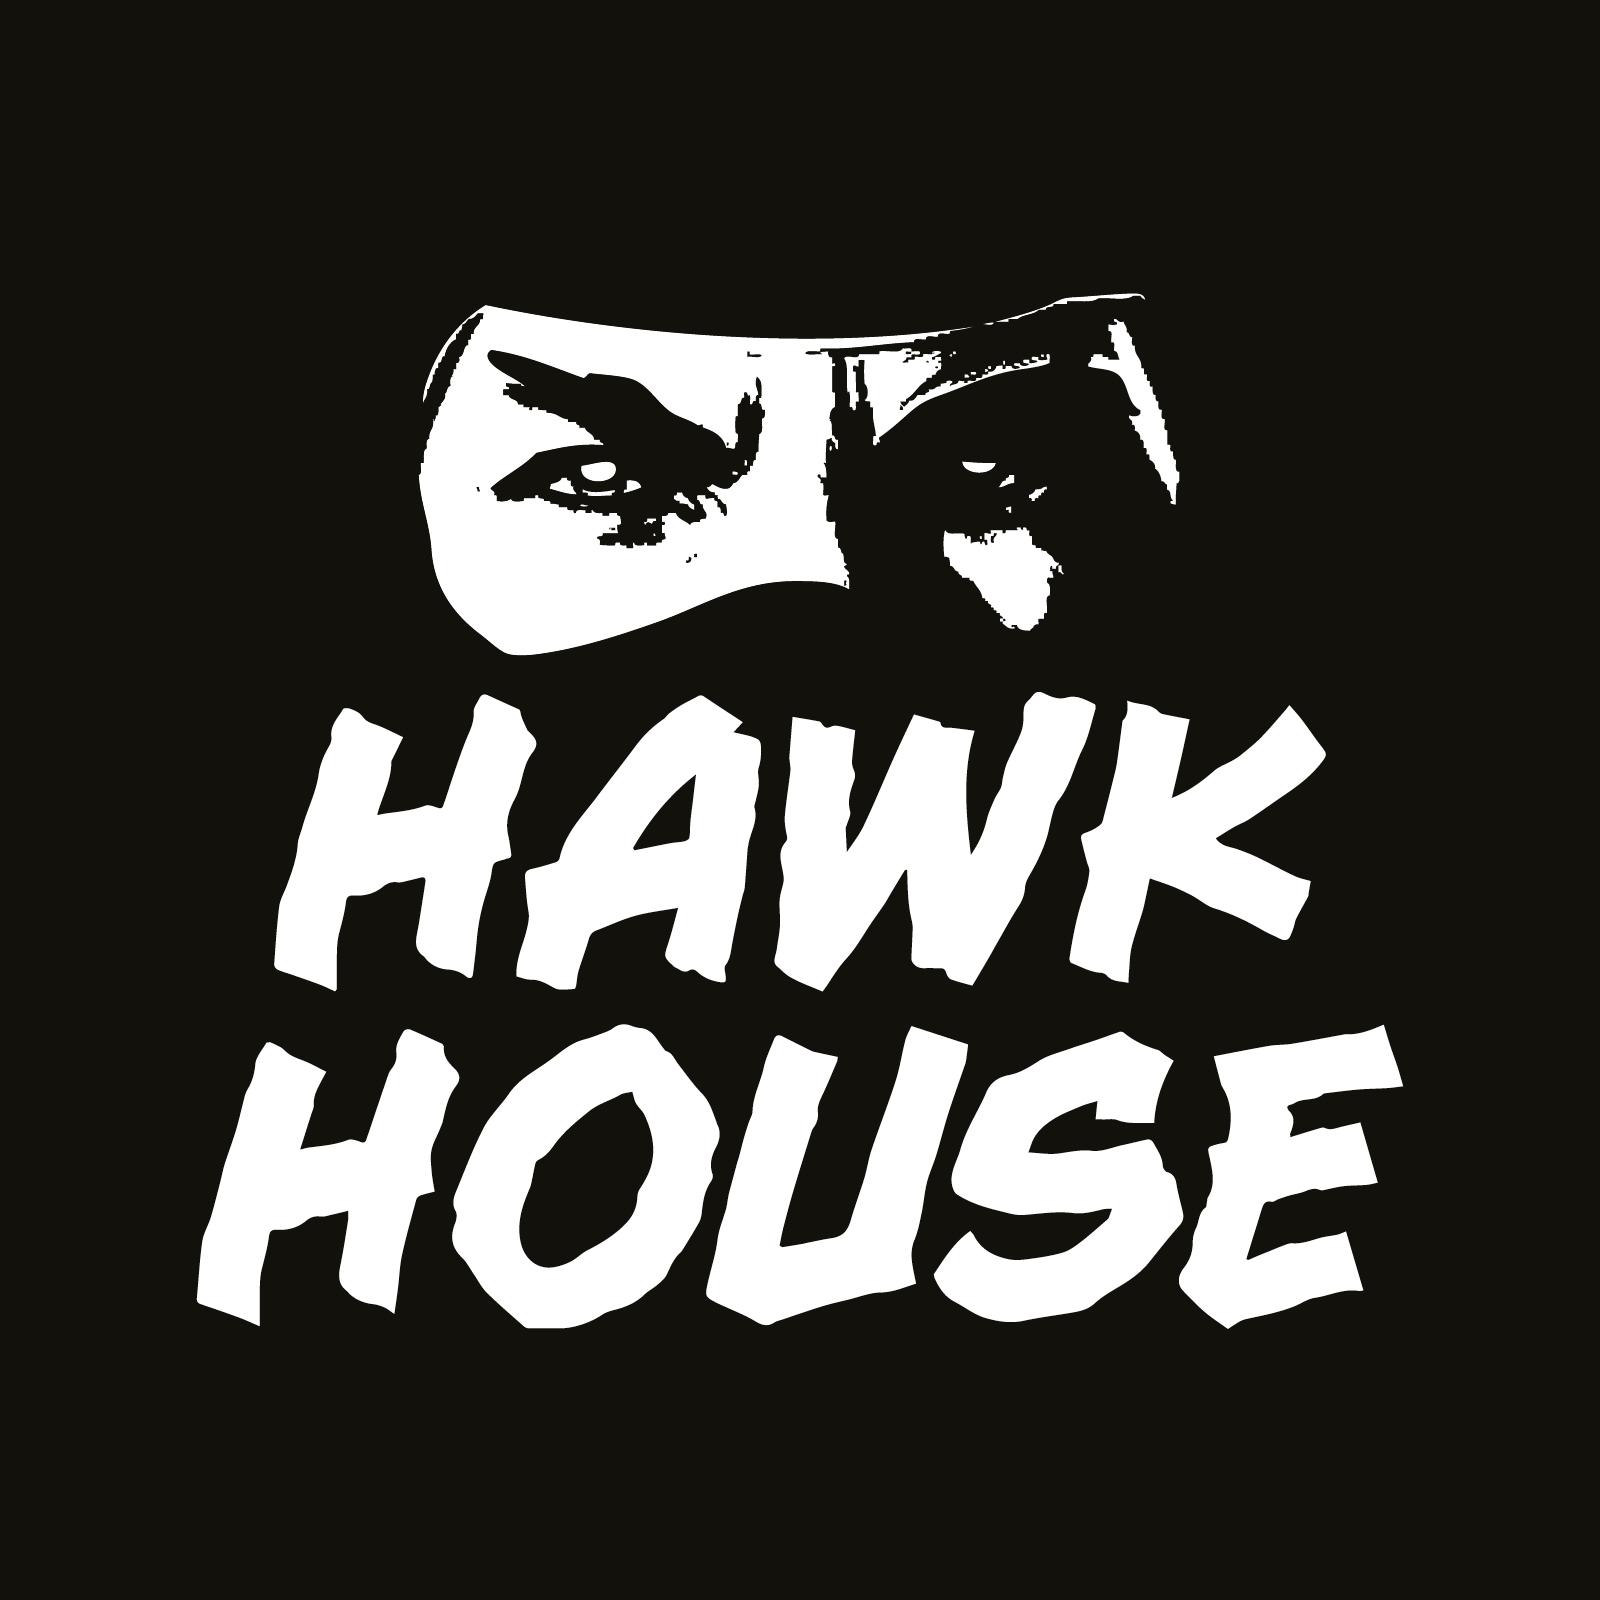 Hawk House   Branding   By James-Lee Duffy